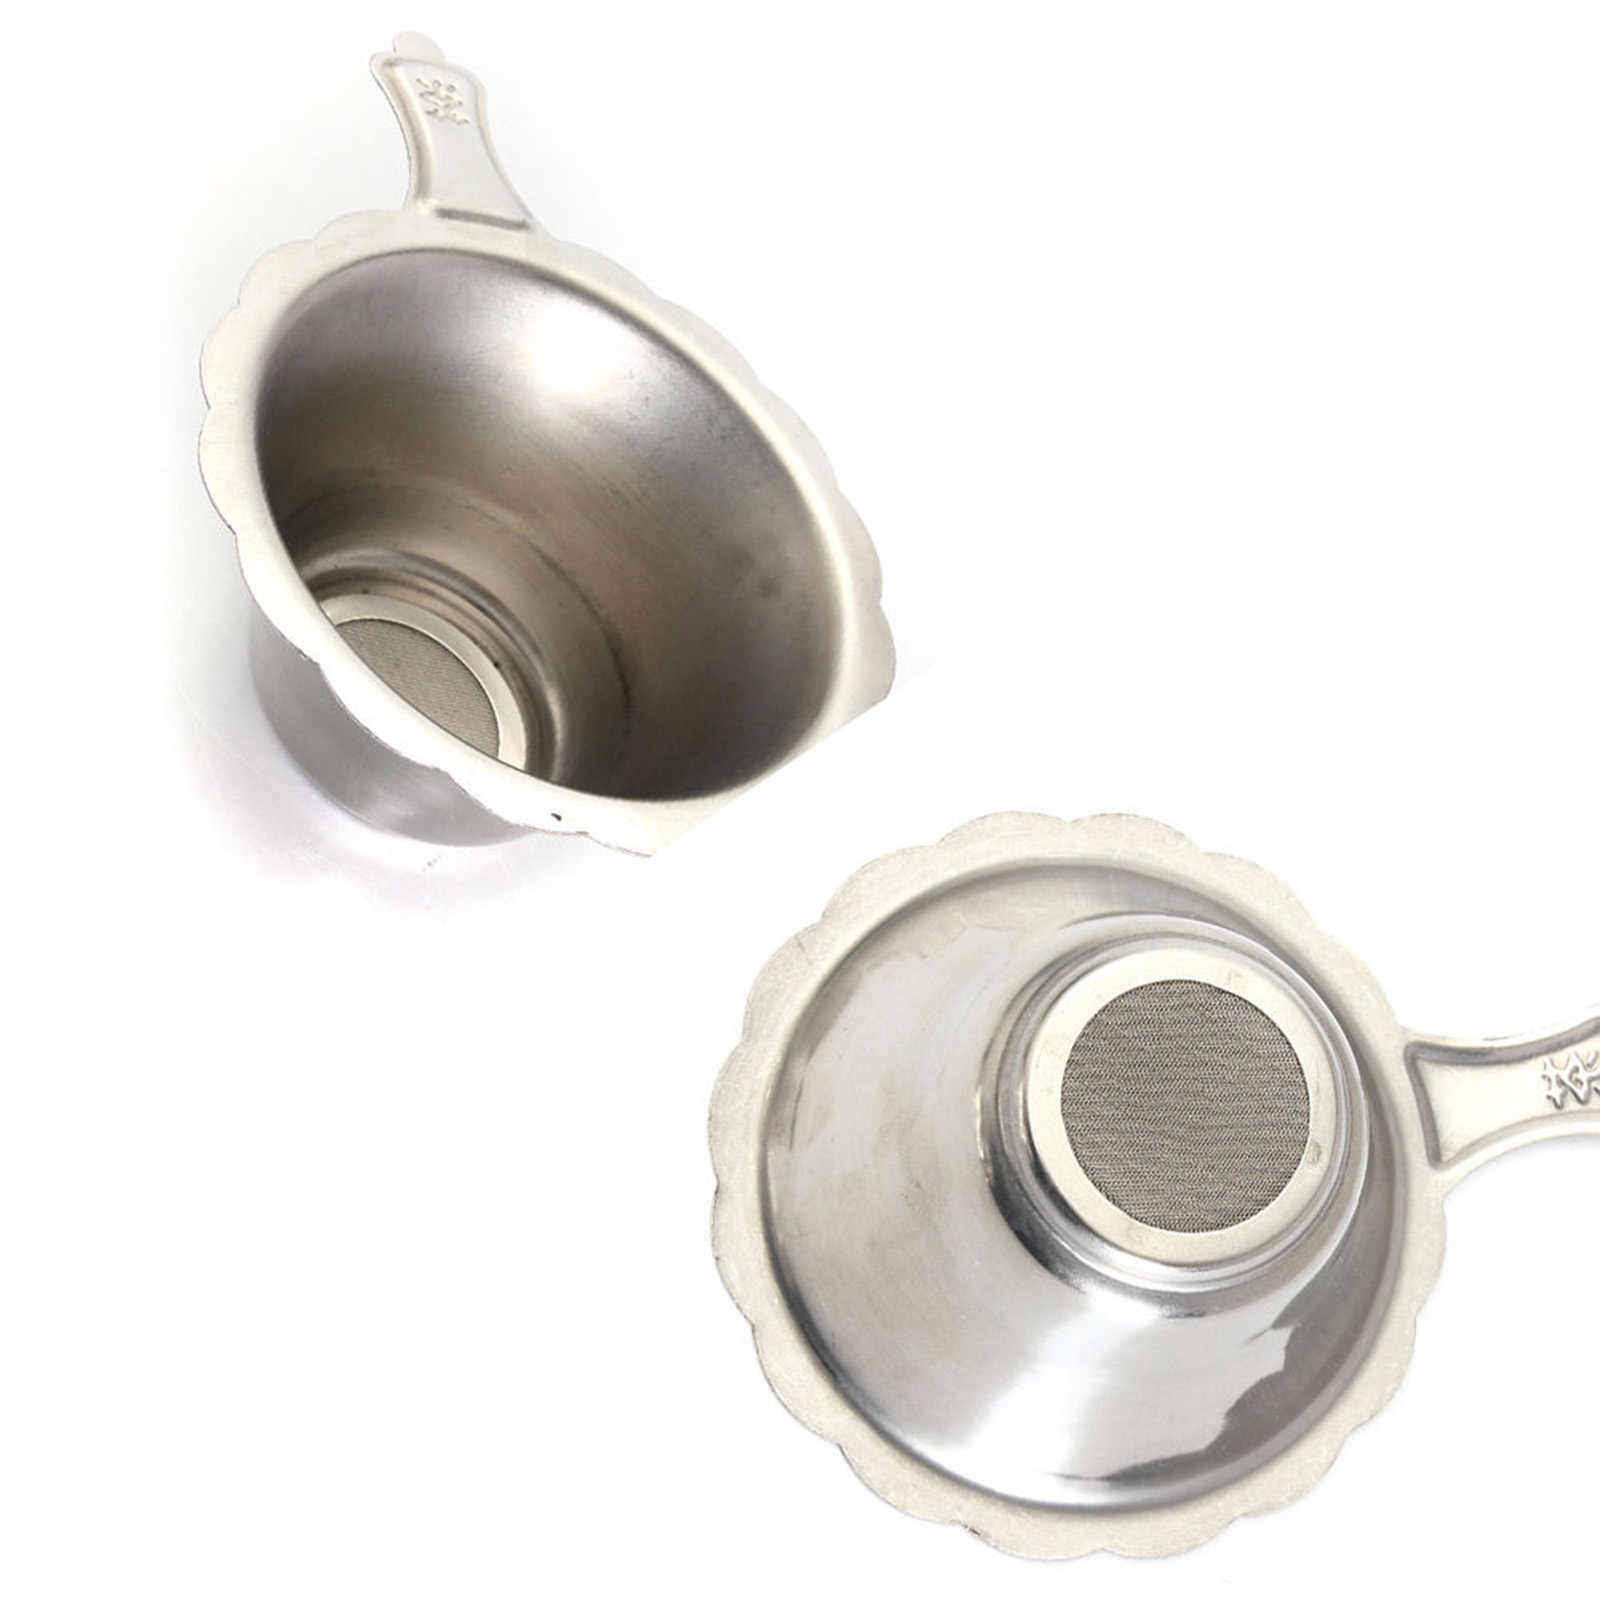 Reutilizável de Aço Inoxidável Filtros de Chá Coador de chá Infusor de Chá Cesta de Malha Fina para o Chá Da Folha Solta Drinkware Acessórios de Cozinha